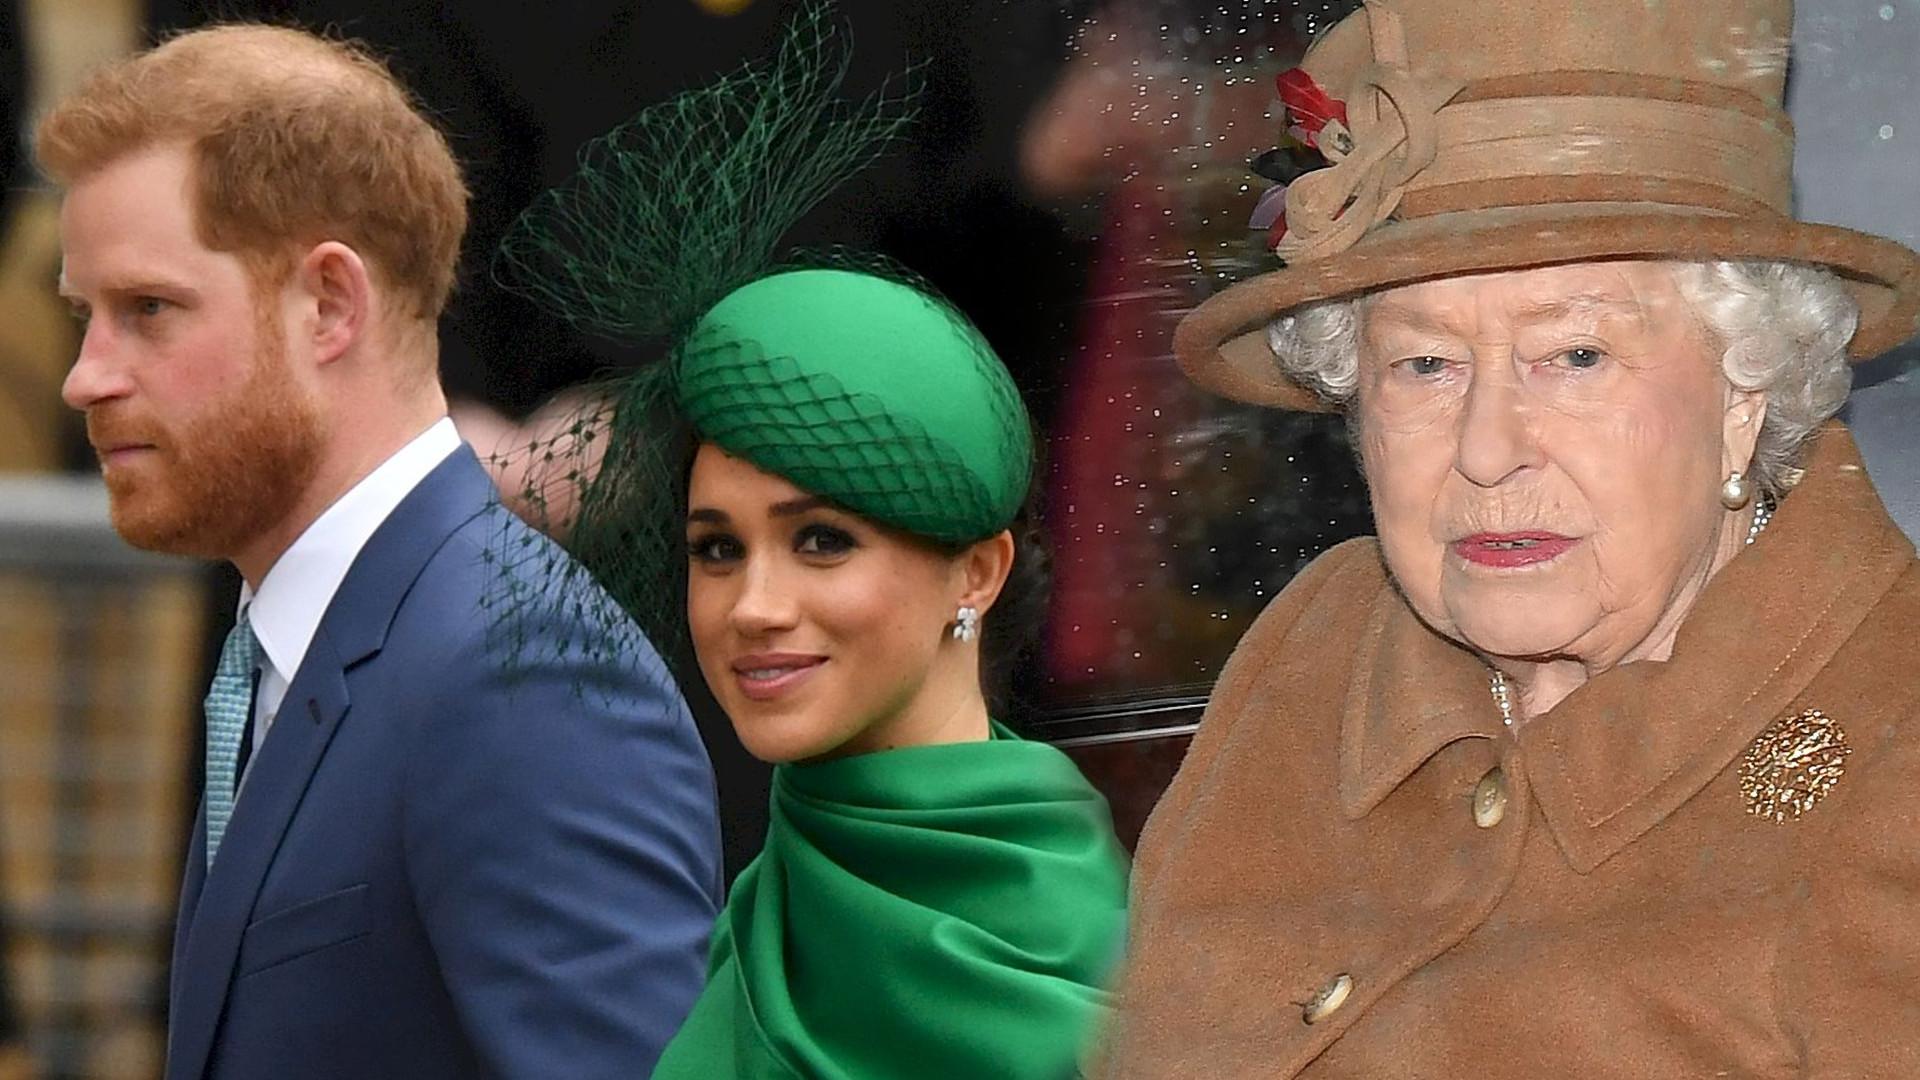 Wściekły książę Harry podczas kłótni krzyknął do królowej: Co się do CHOLERY dzieje?